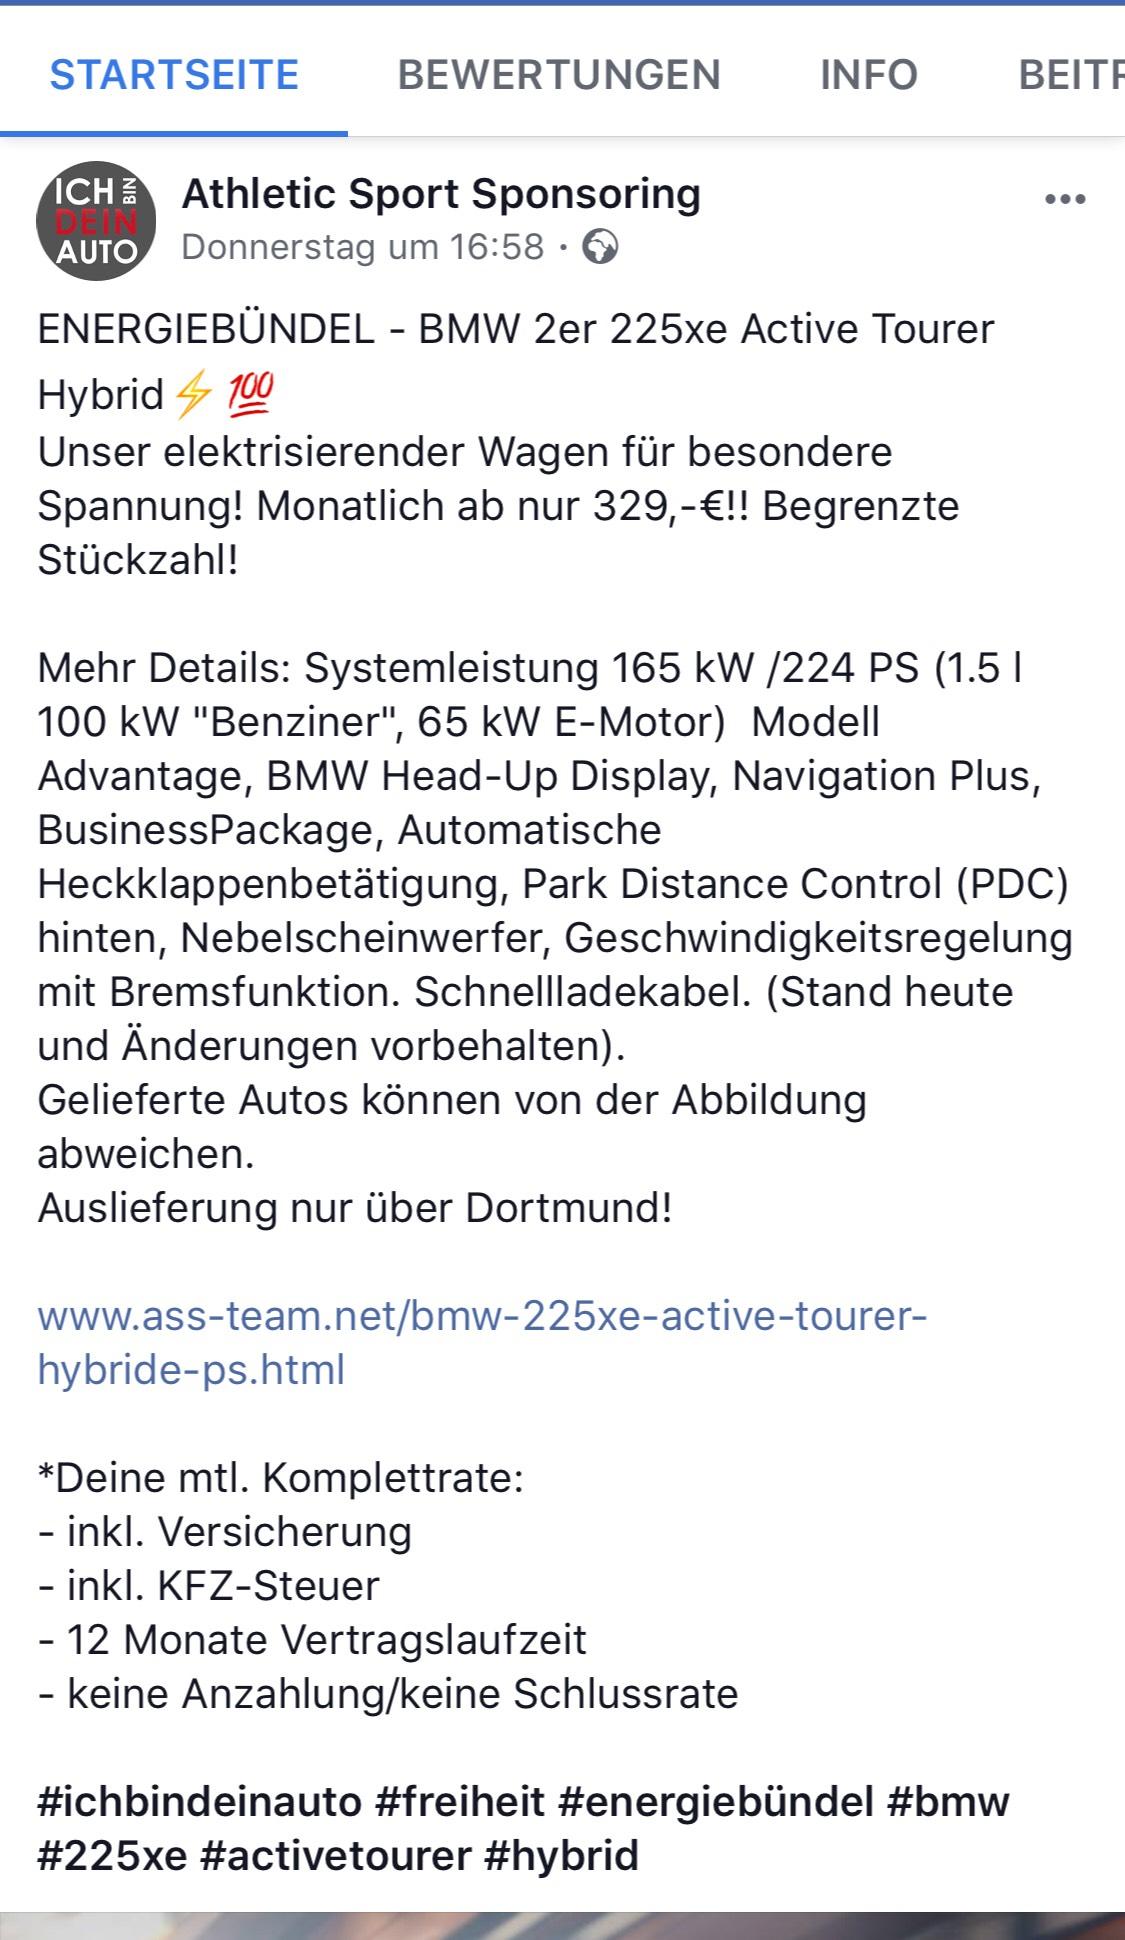 Gemütlich Auto Sponsoring Vorschlag Vorlage Ideen - Entry Level ...